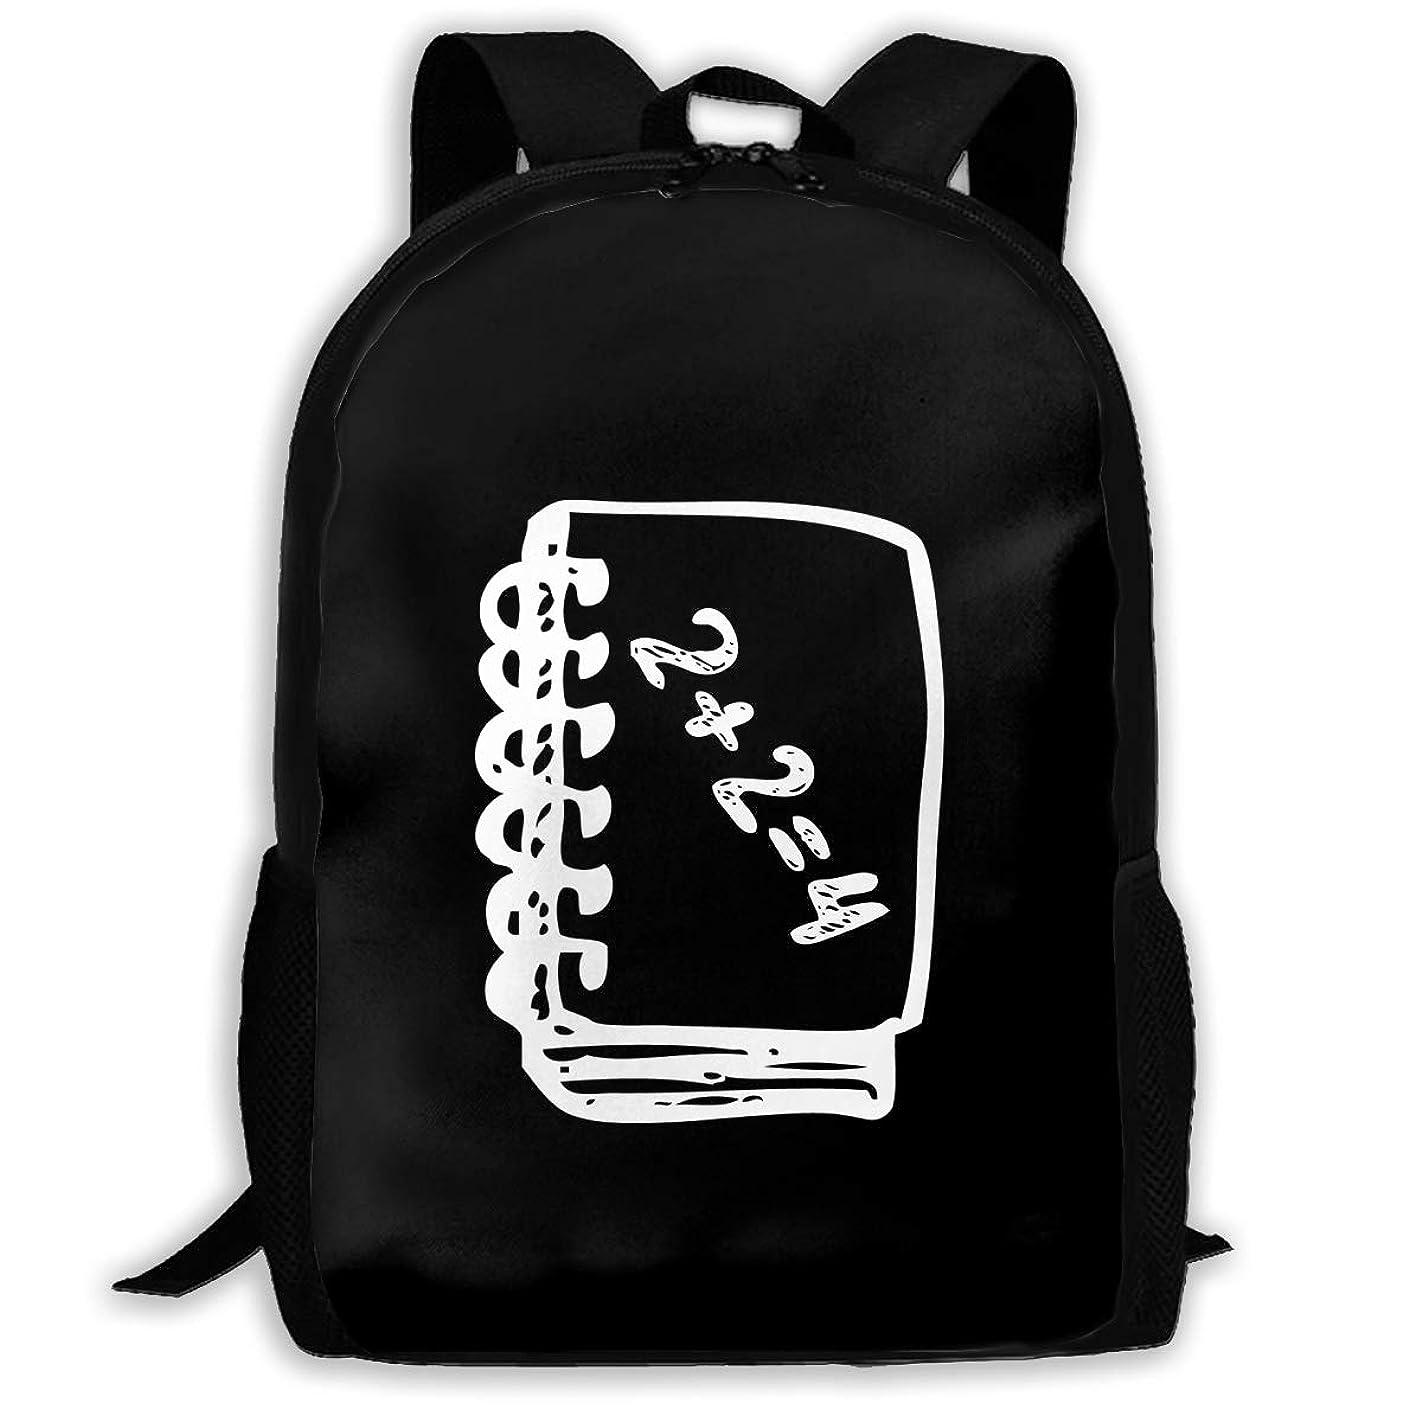 いらいらするまたは物思いにふけるDSB リュック バック リュックサック バックパック 鞄 カバン 多機能 防水バック レディースリュック メンズバック ビジネスバック Png? 男女兼用 大容量 高校生 通学 通勤 旅行 軽量 キャンバス